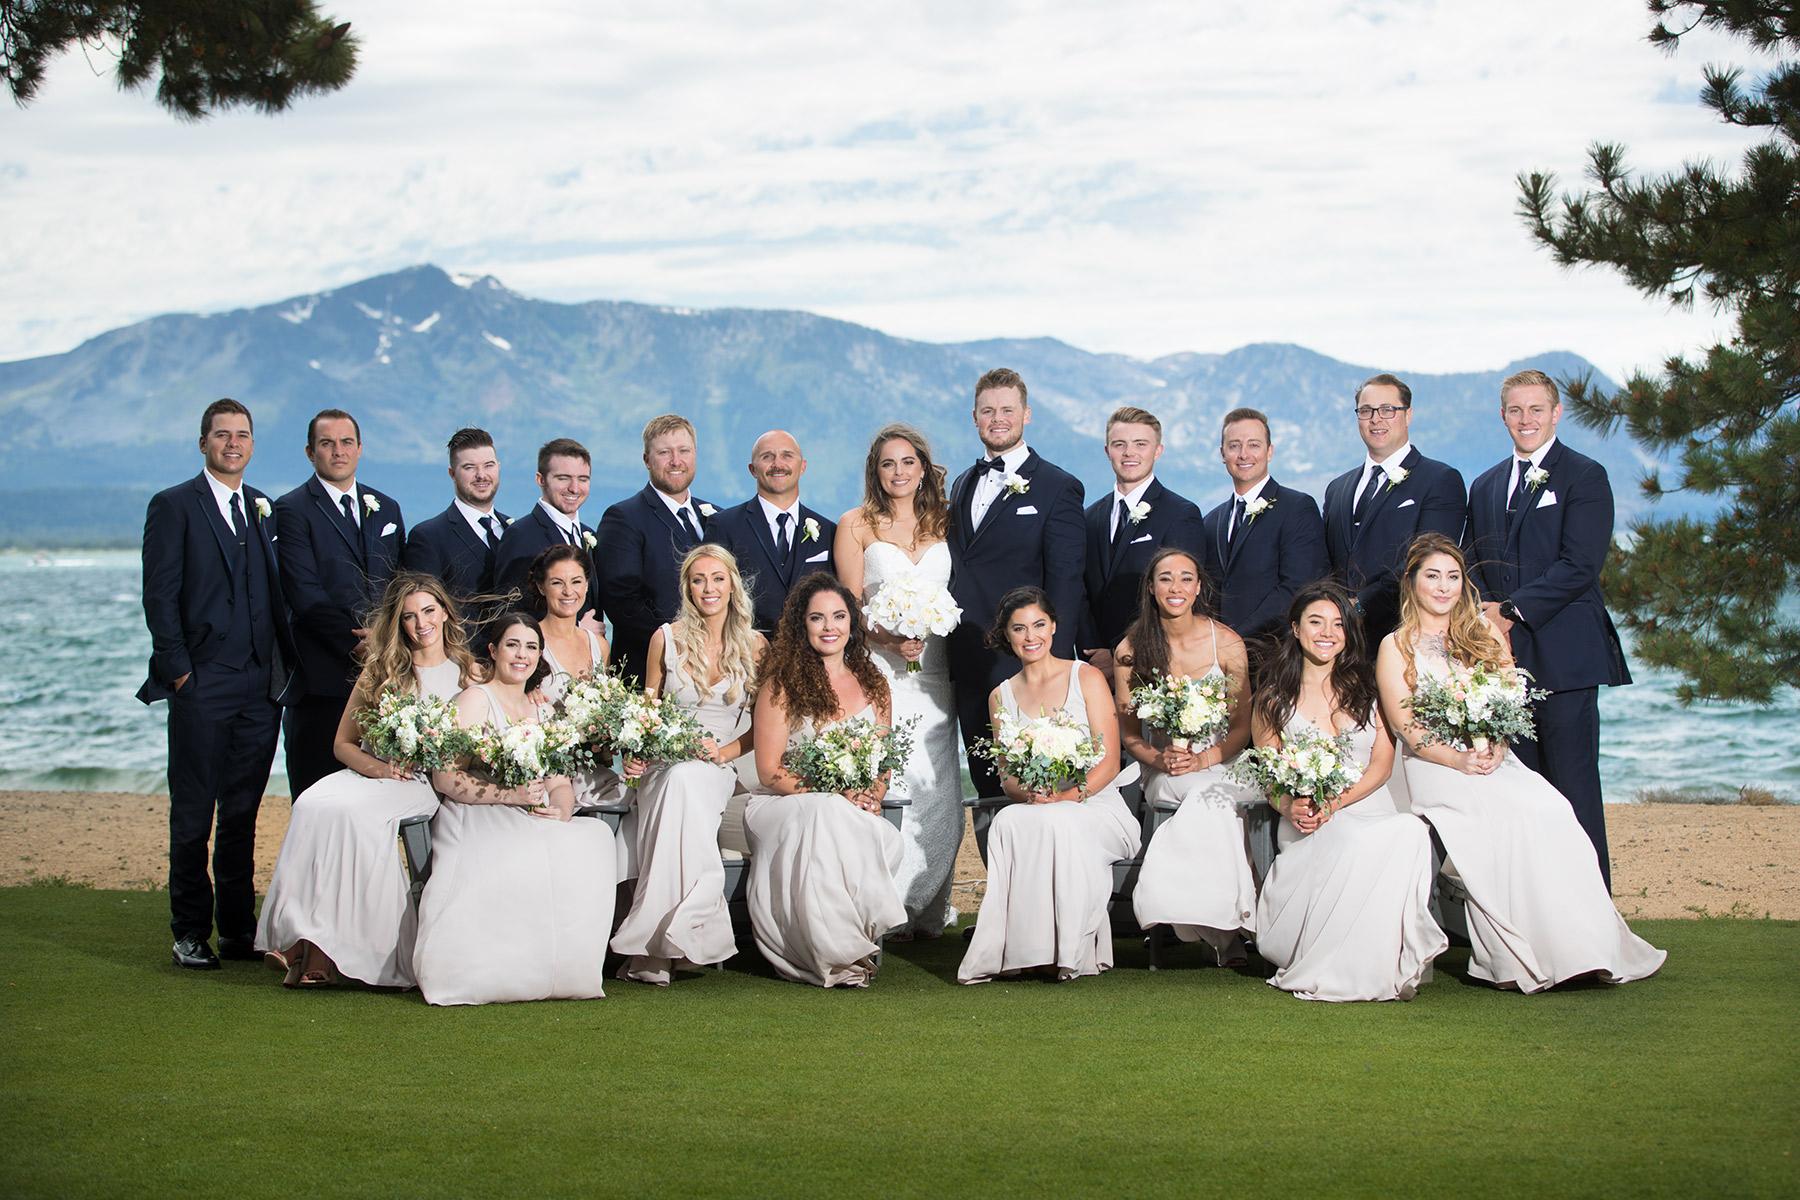 Edgewood-wedding-party-group-lake